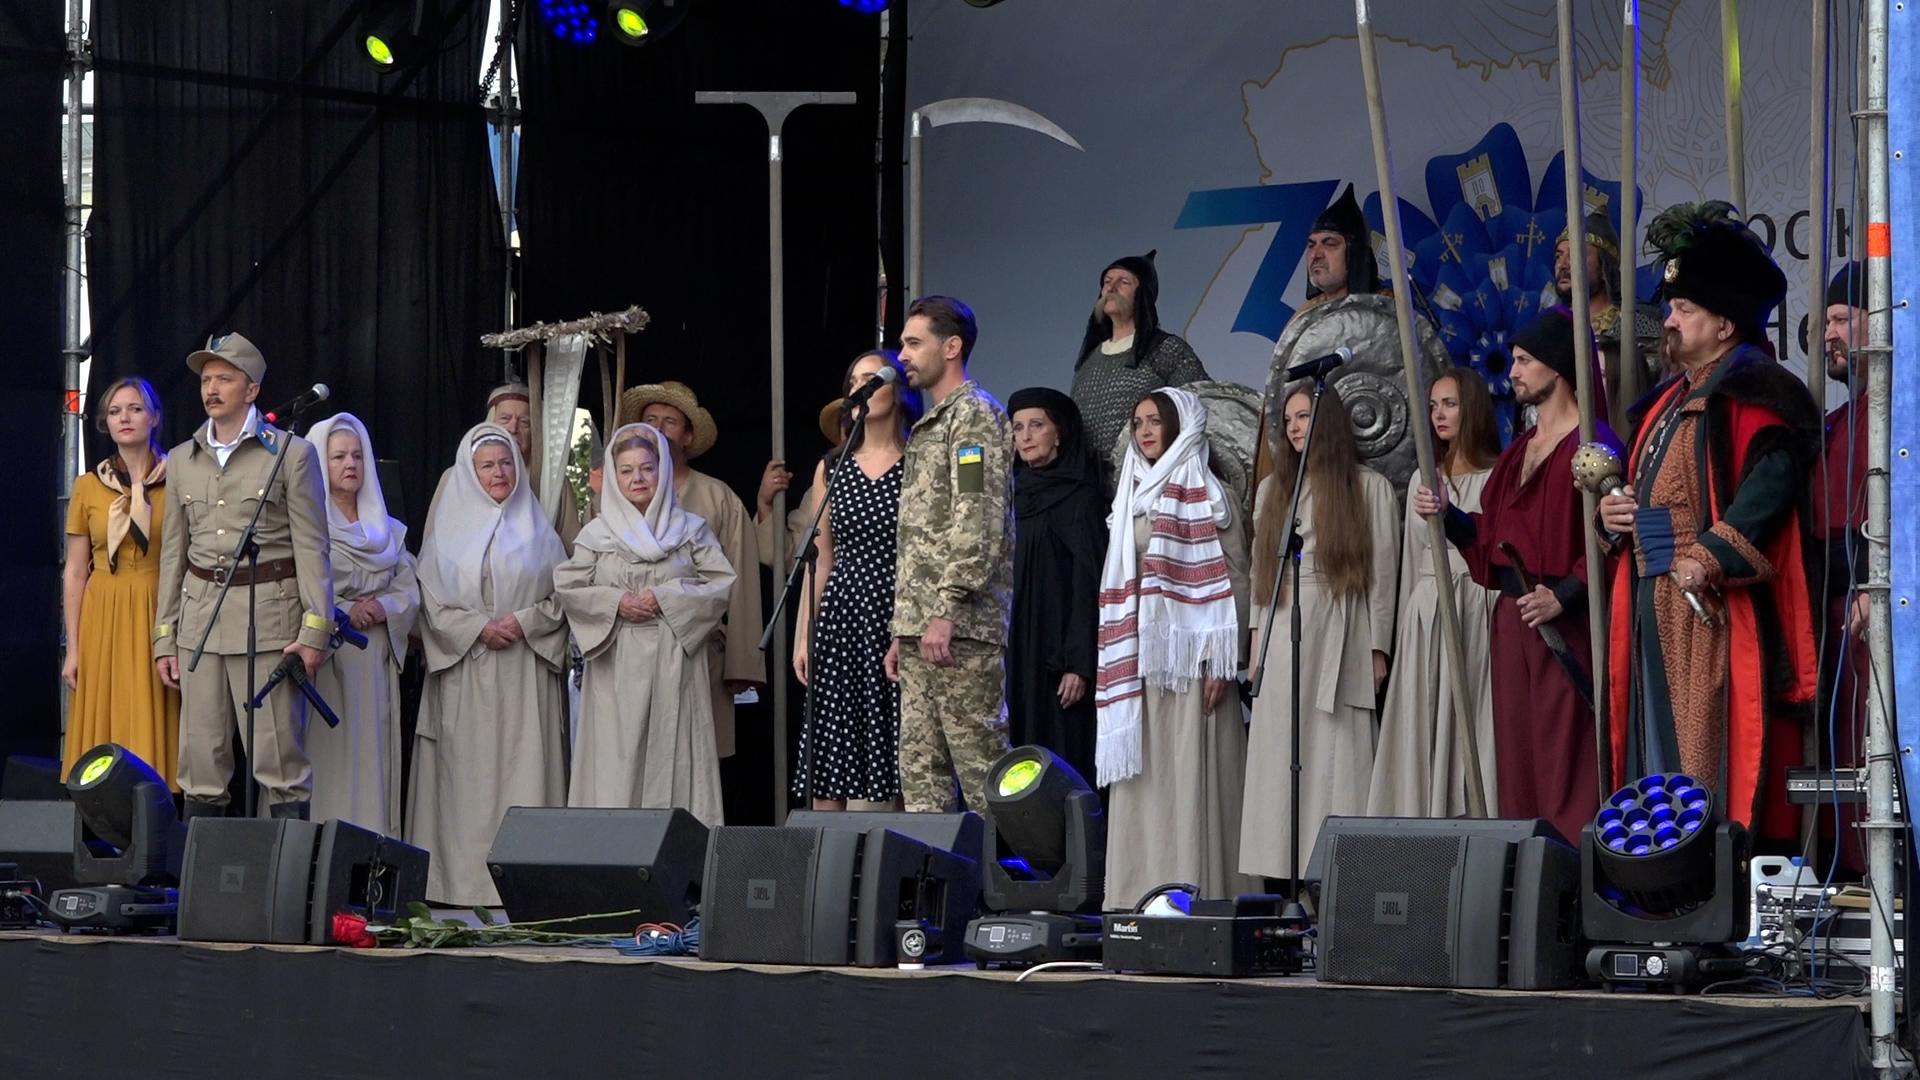 Святкування Незалежності у Тернополі: незалежні духом, проте залежні від любові до України